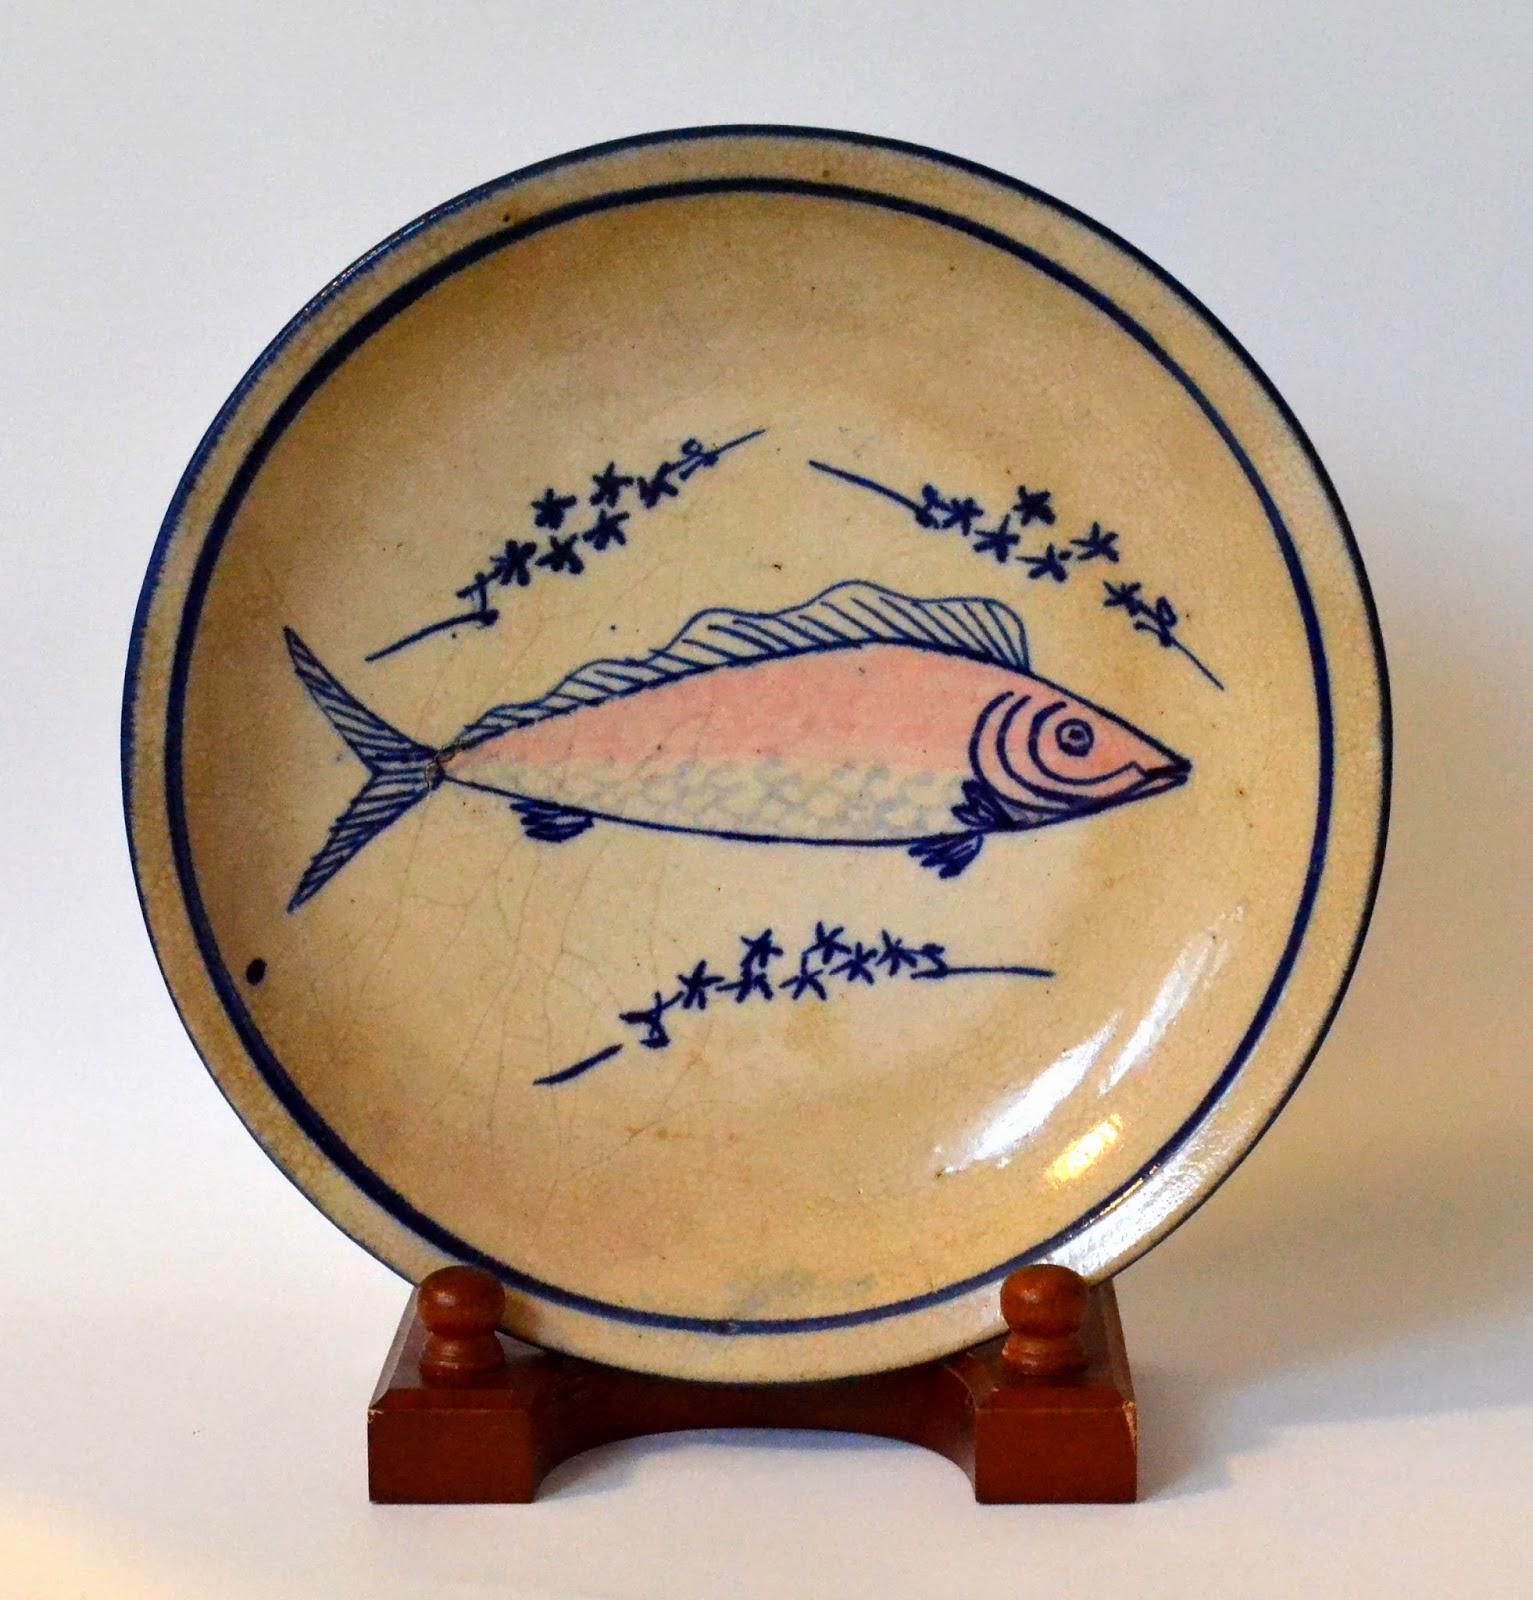 臺灣碗盤博物館: 懷舊食光。介紹臺灣碗盤博物館是全臺灣,每天三餐都會使用到,是珍貴的文化資產。 尤其館內還有鎮館之寶「大紅魚腰子盤」的100倍巨型盤子,巡水田/員山‧碗盤博物館